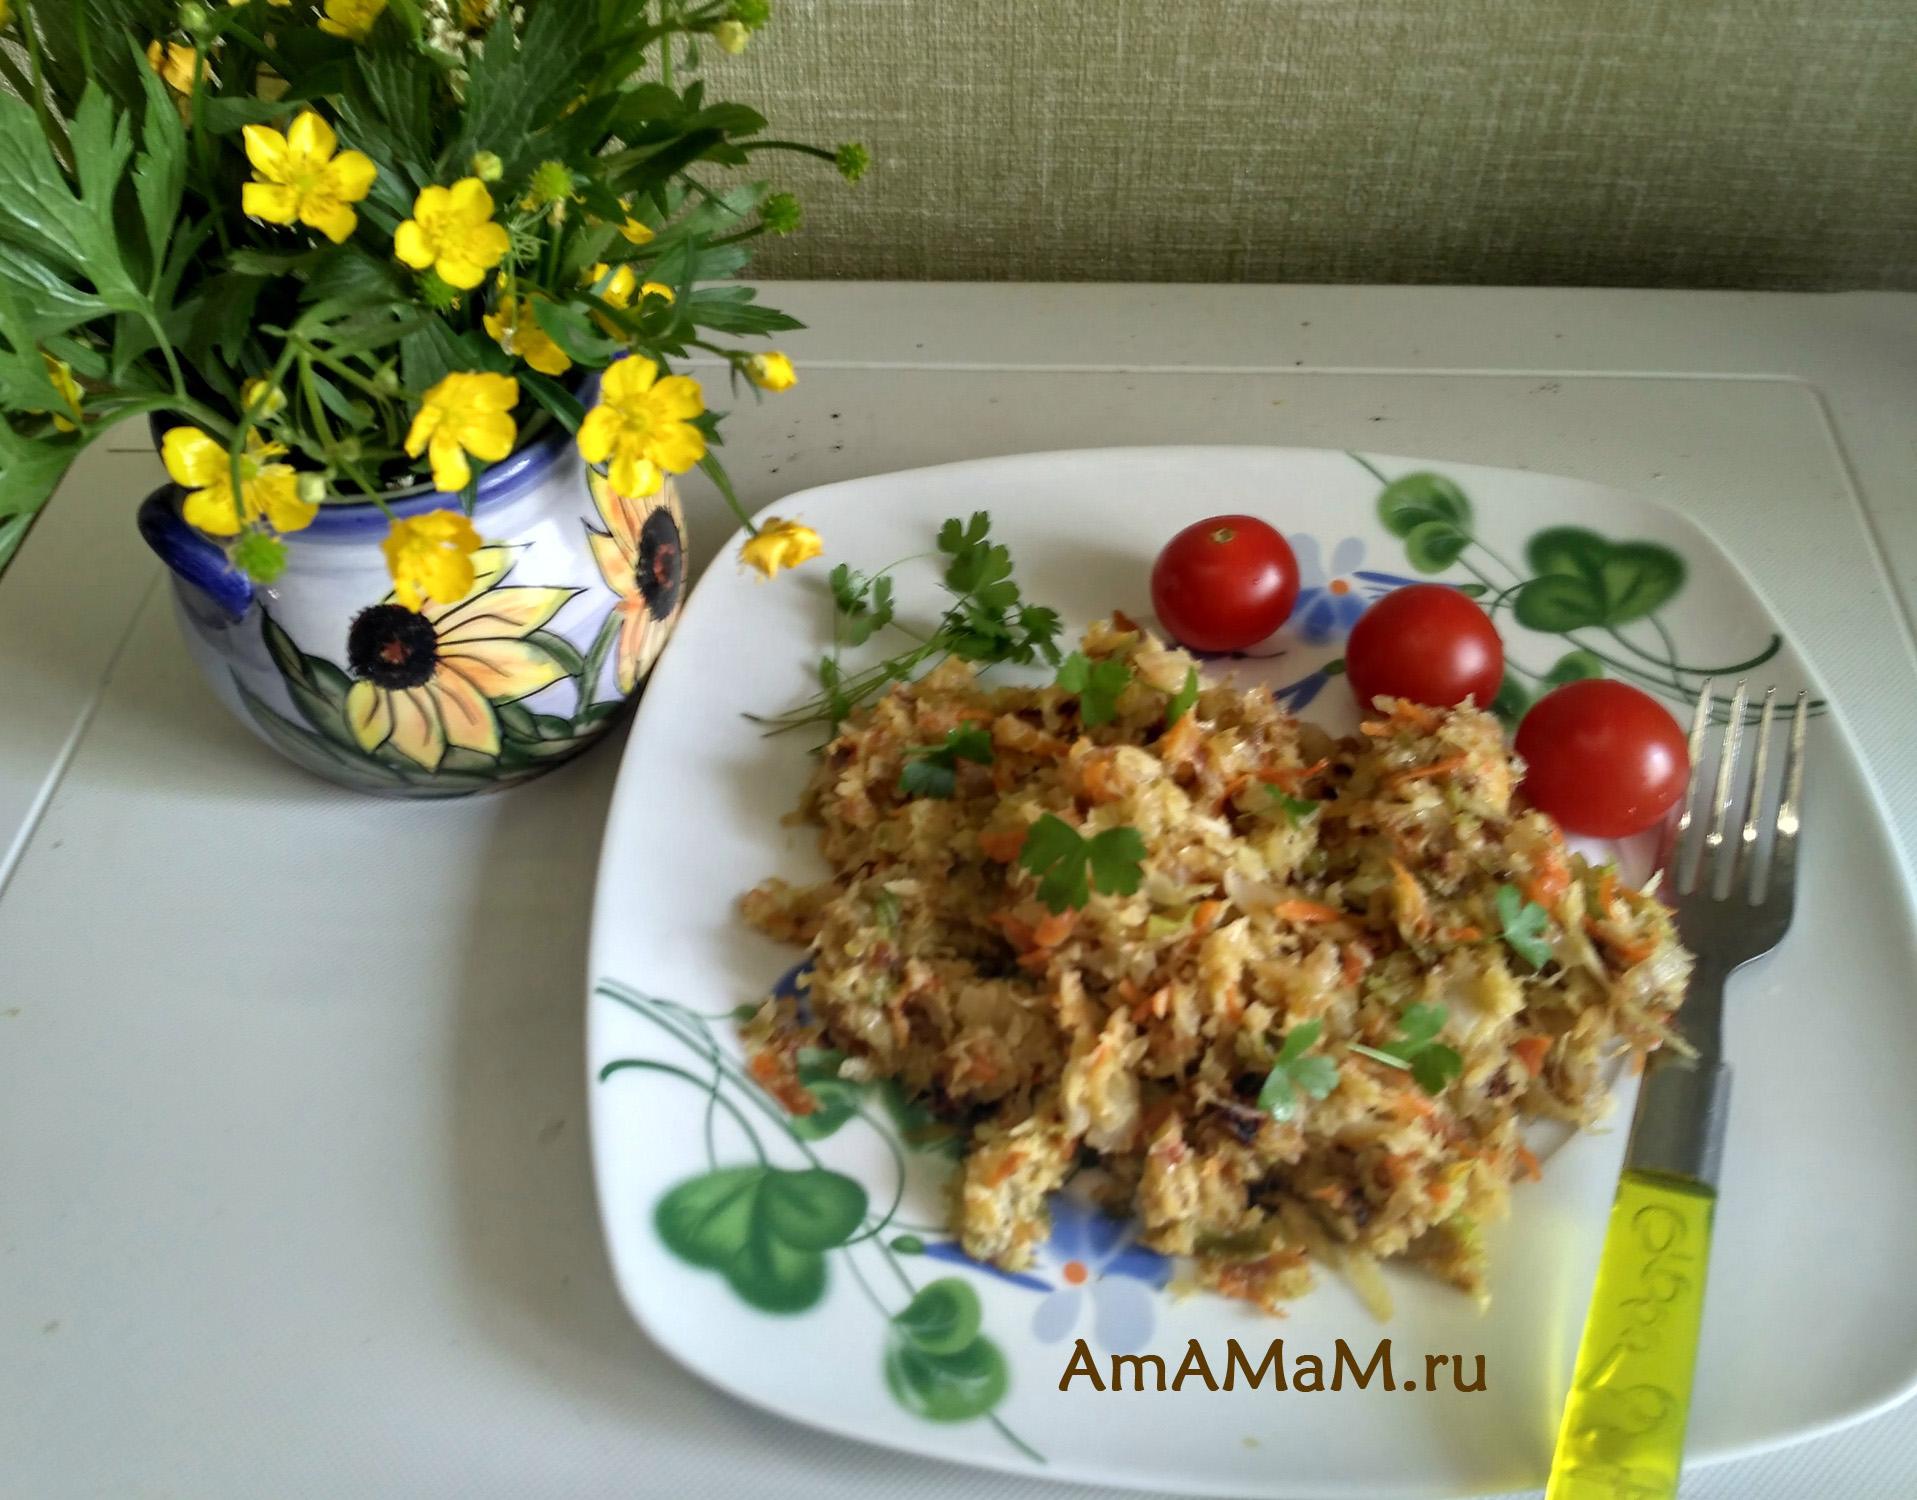 Вкусная жареная капуста в омлетной заливке из яйца и манки